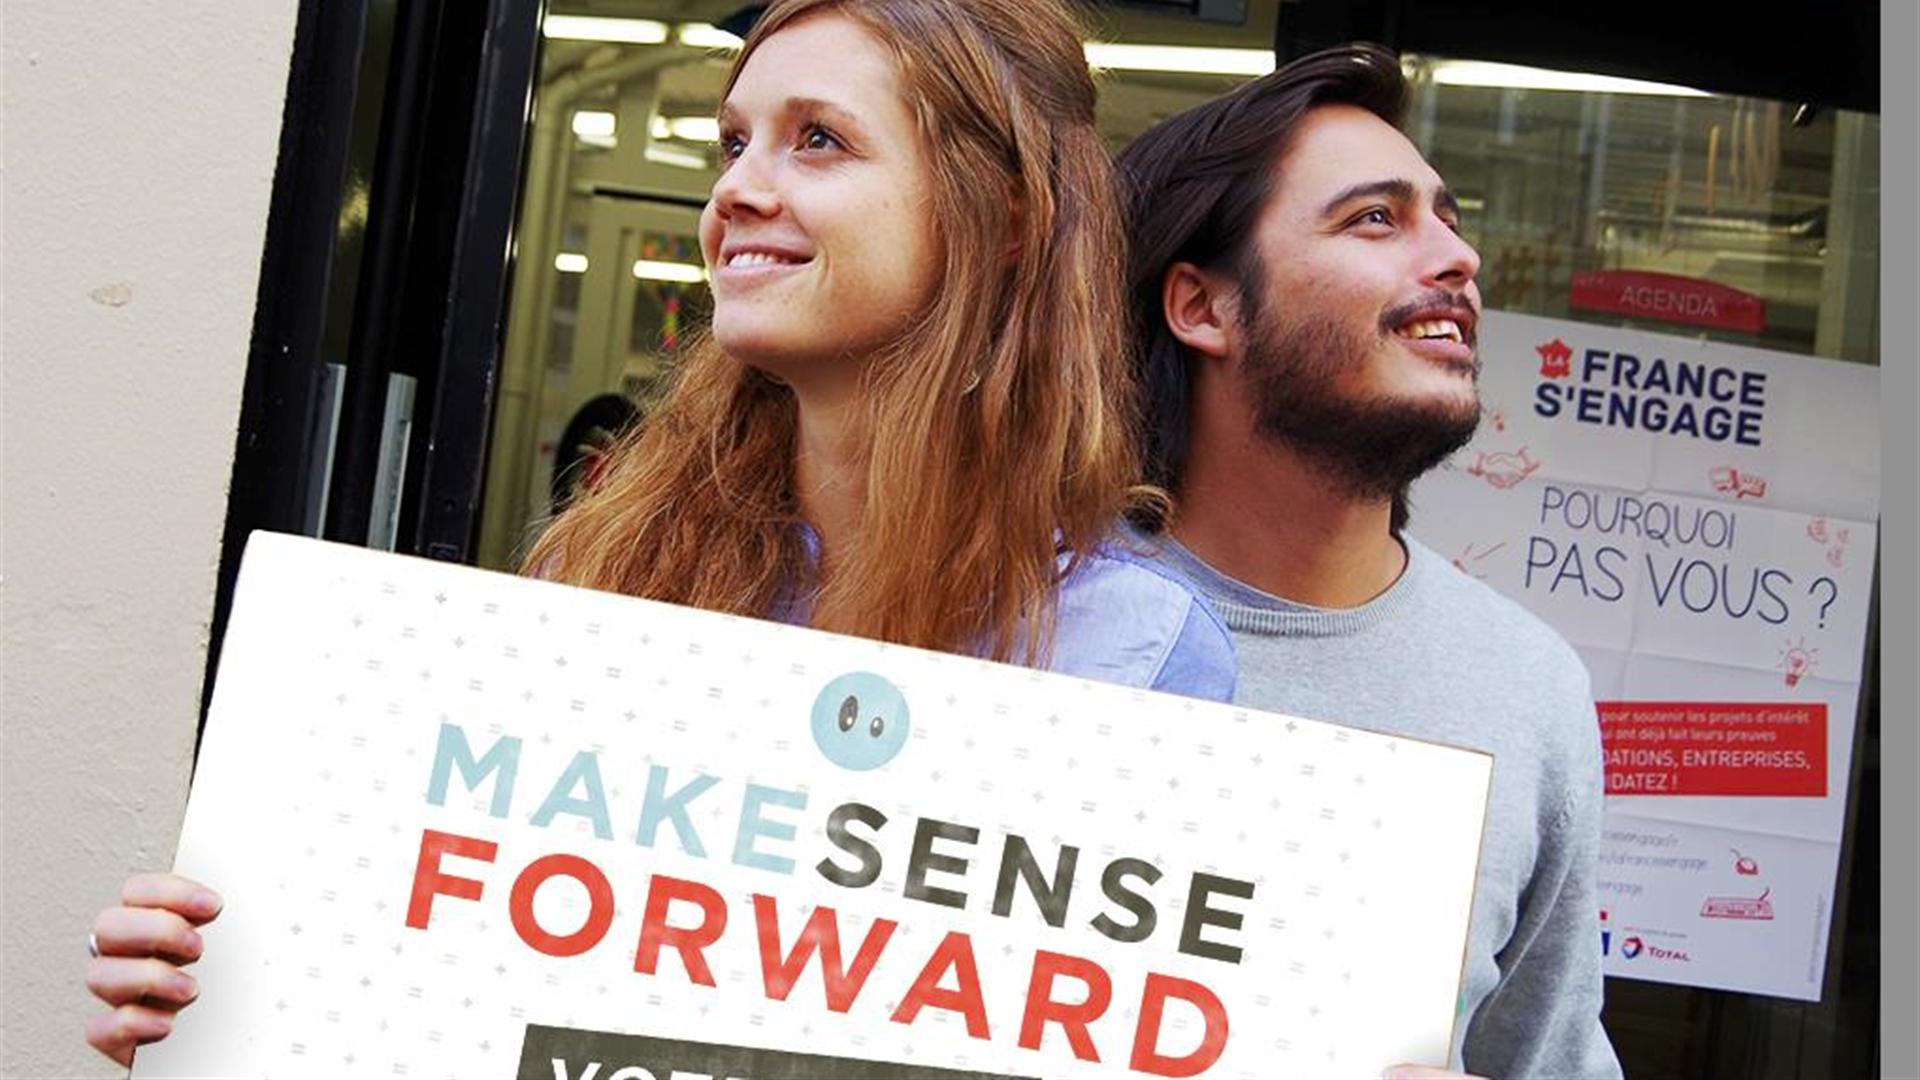 Make Sense Forward